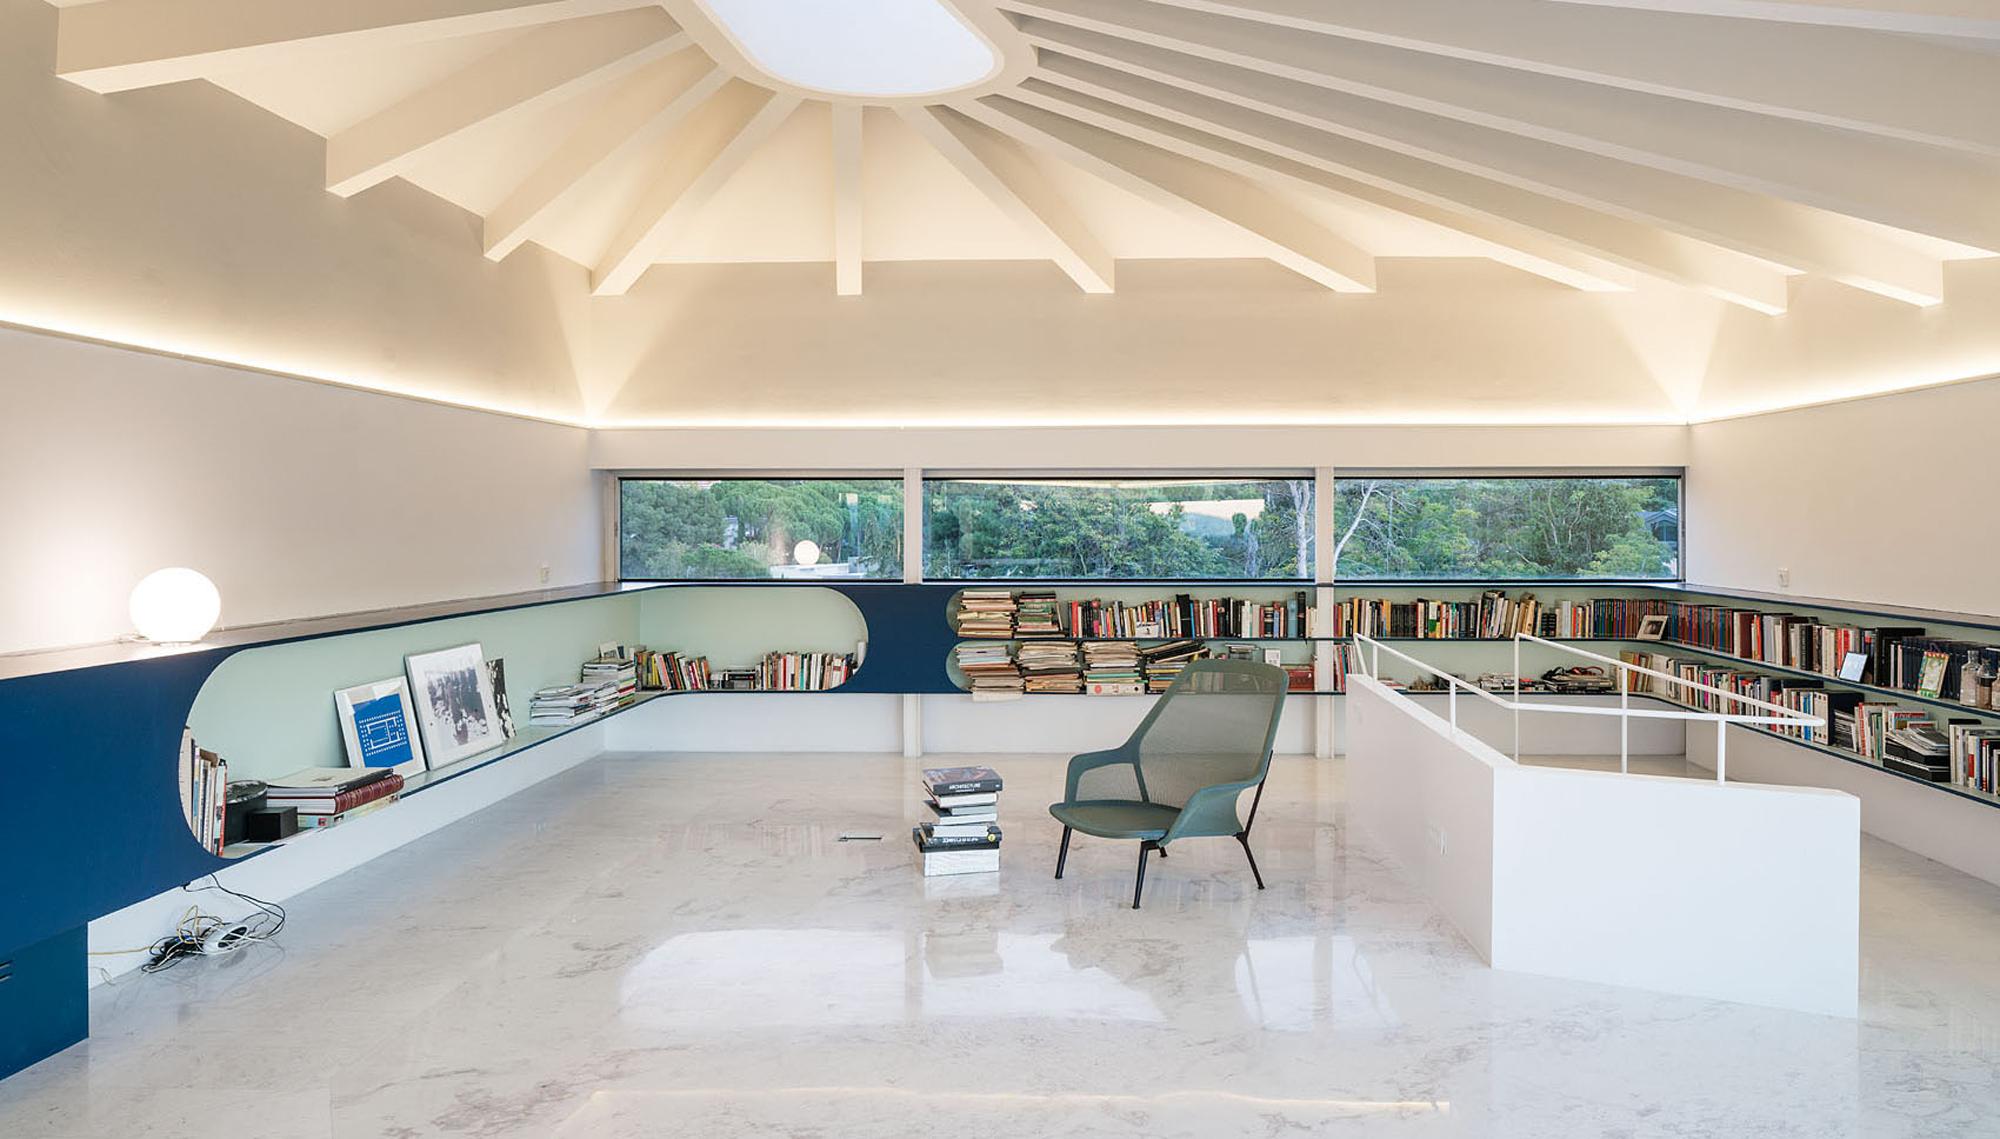 An der ansteigenden Decke des Lesezimmers zeichnen sich strahlenförmige Leisten ab, die ihr den Charakter eines Zirkuszeltes geben.Ein rundes Oberlicht öffnet den Raum zur Dachterrasse.